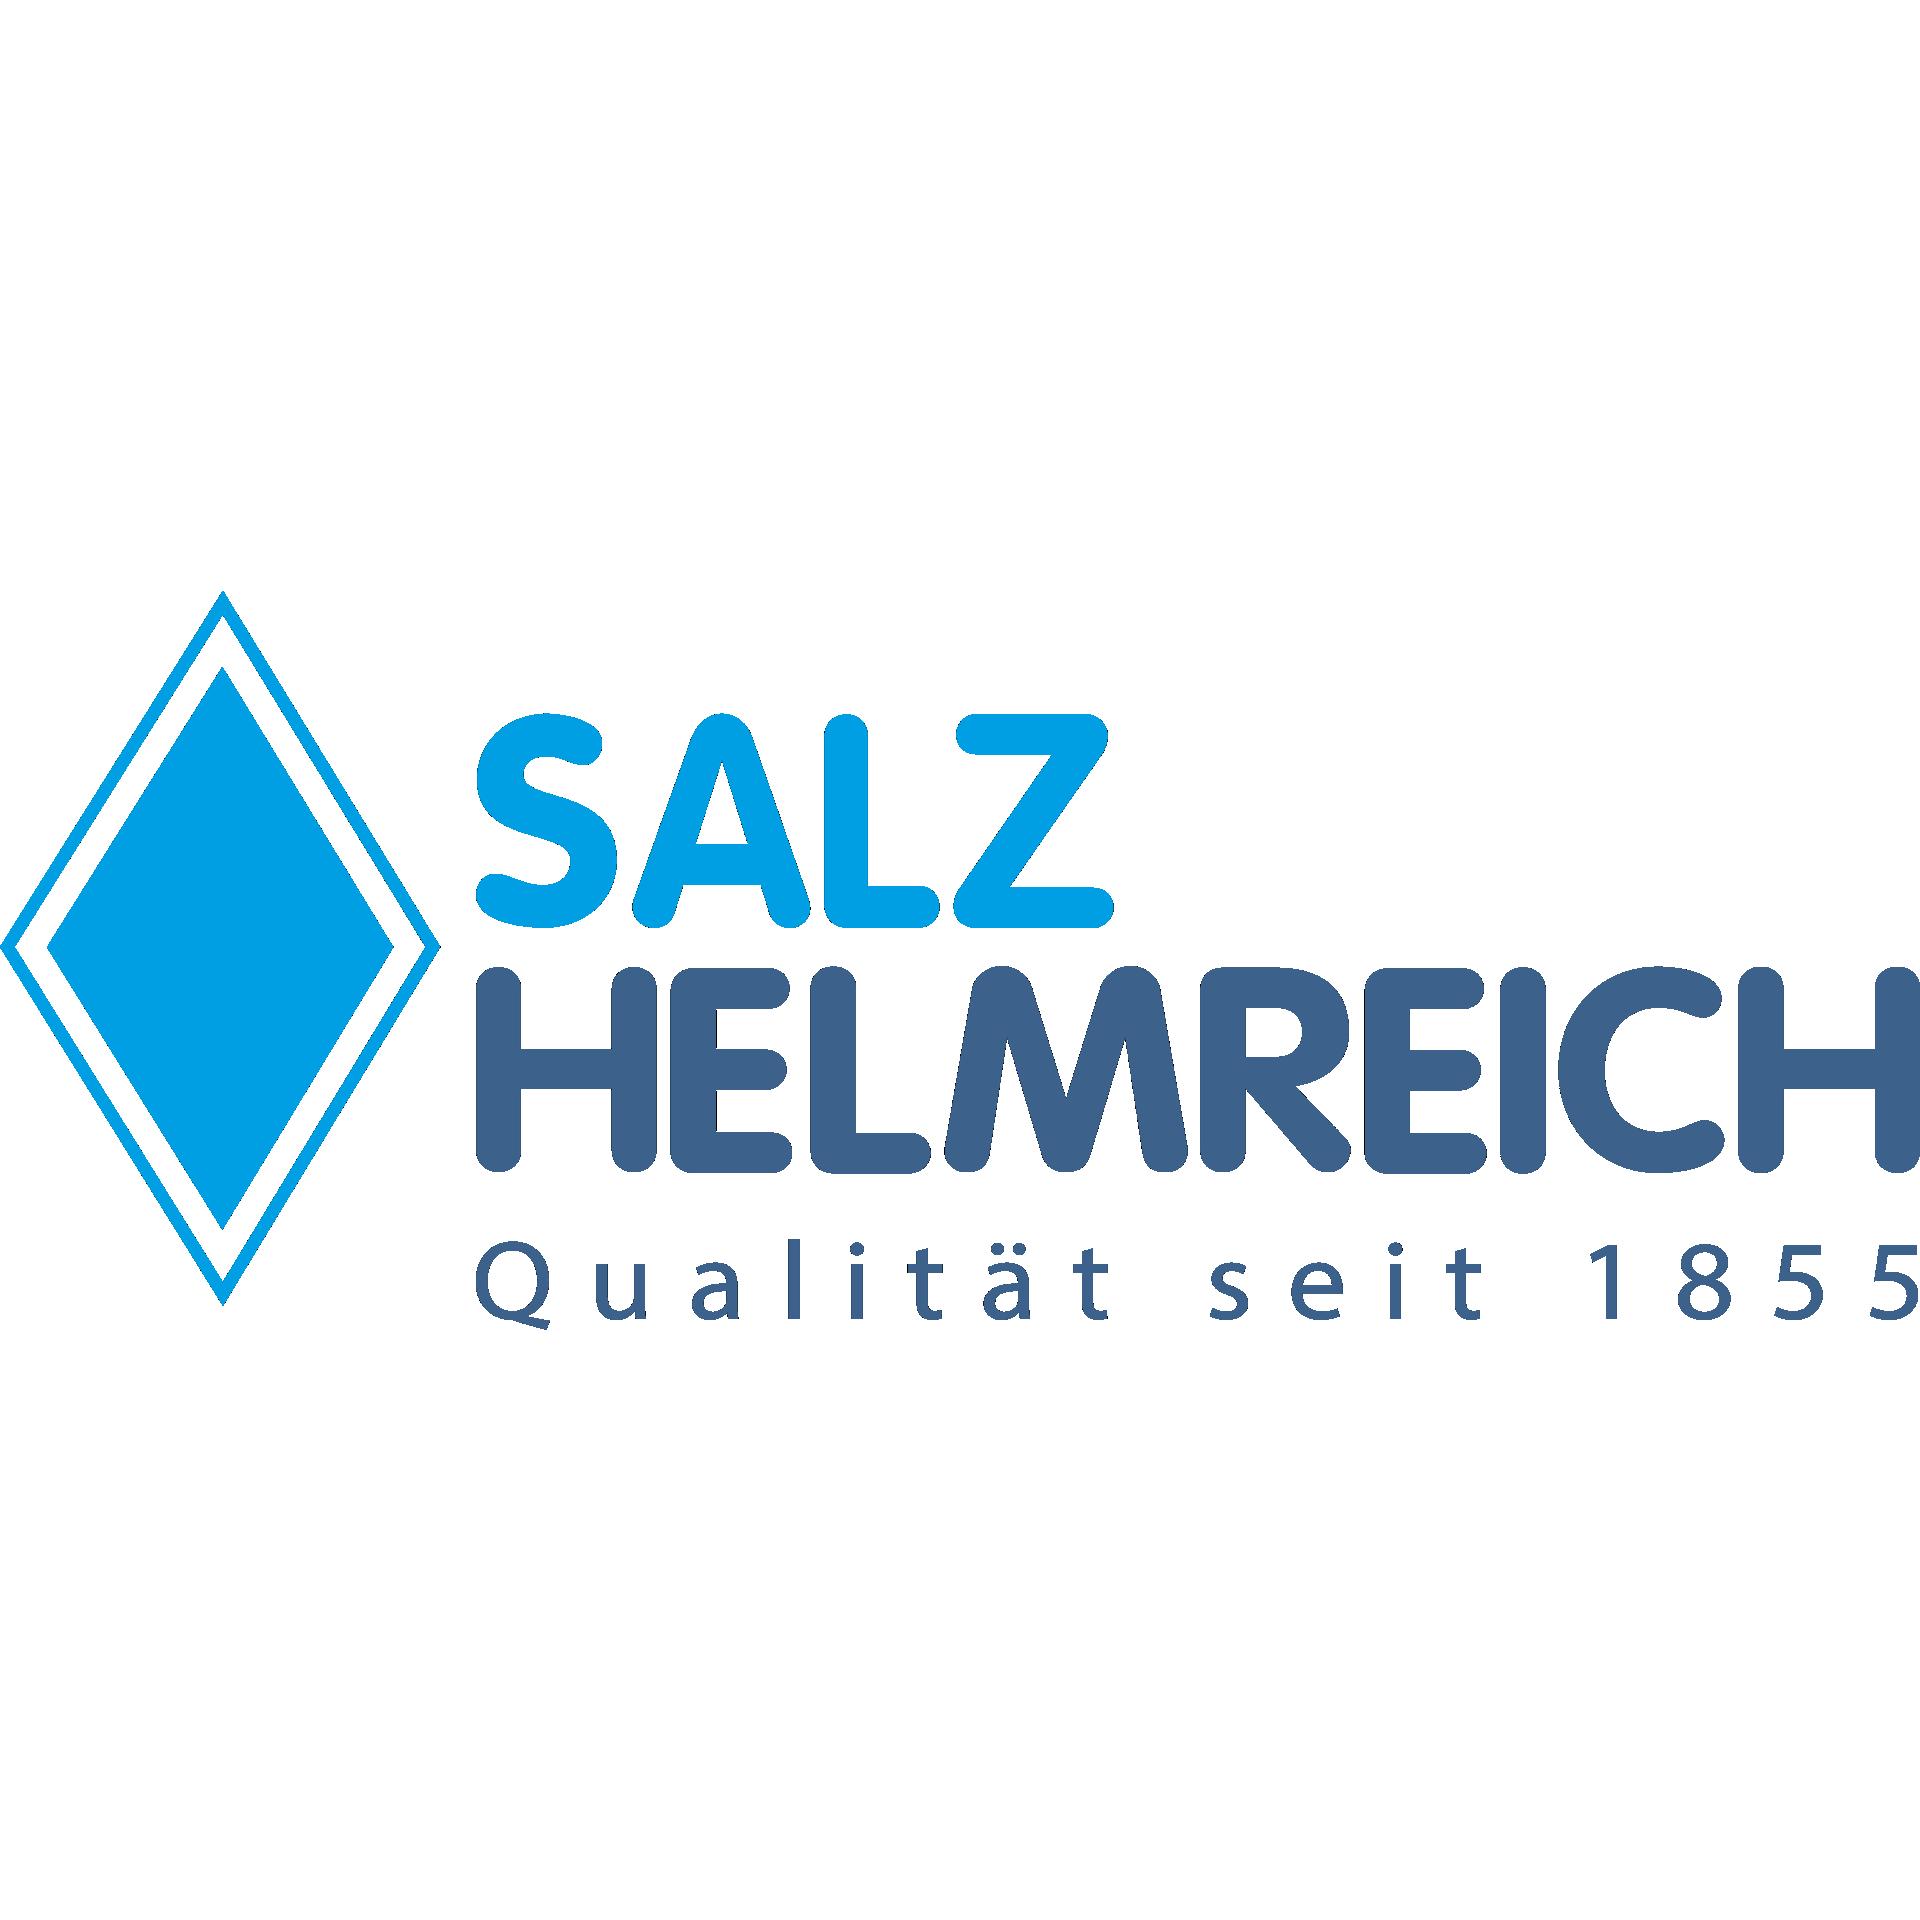 Salz Helmreich Siede Nitritpökelsalz mit 4,4% Nitrit im 15kg Sack Preis auf Anfrage! 4813842-30